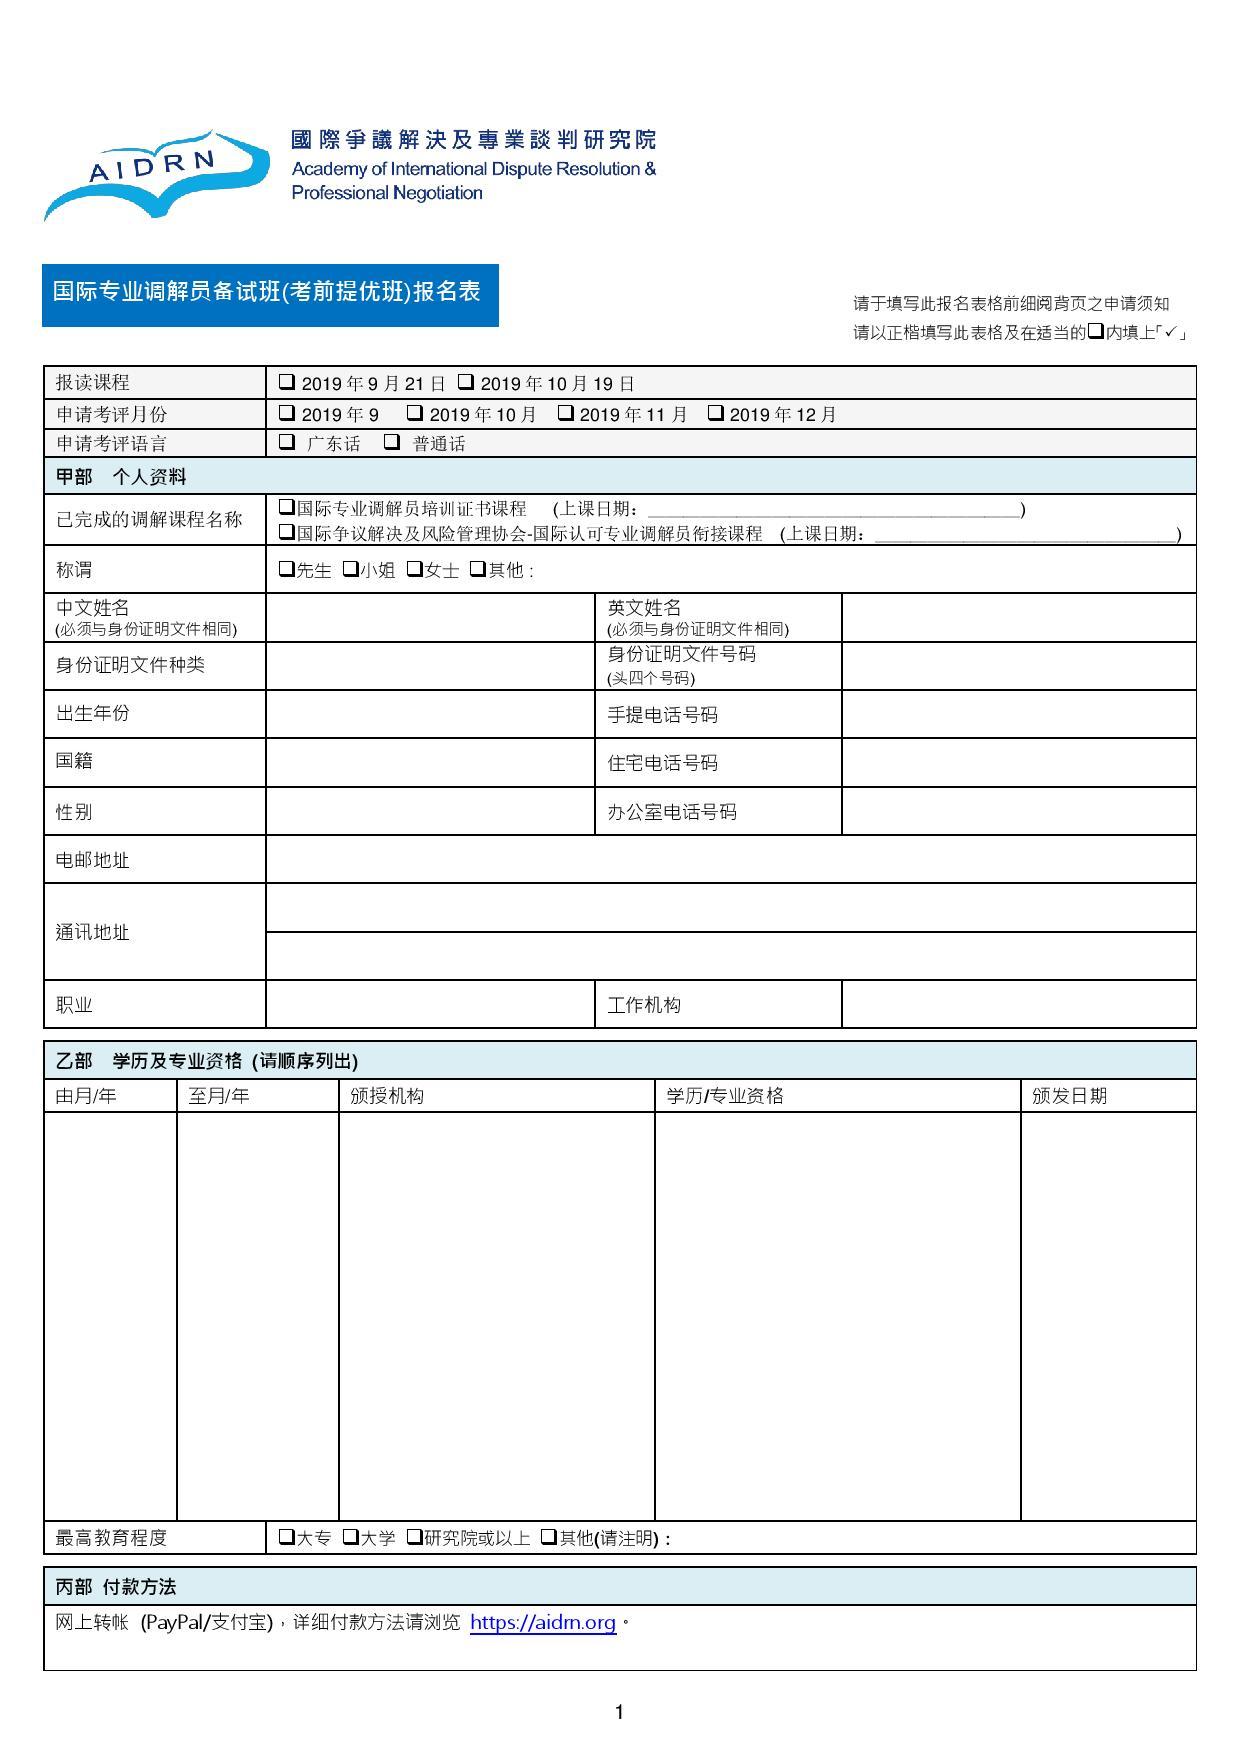 国际专业调解员备试班(考前提优班)_报名表格-1